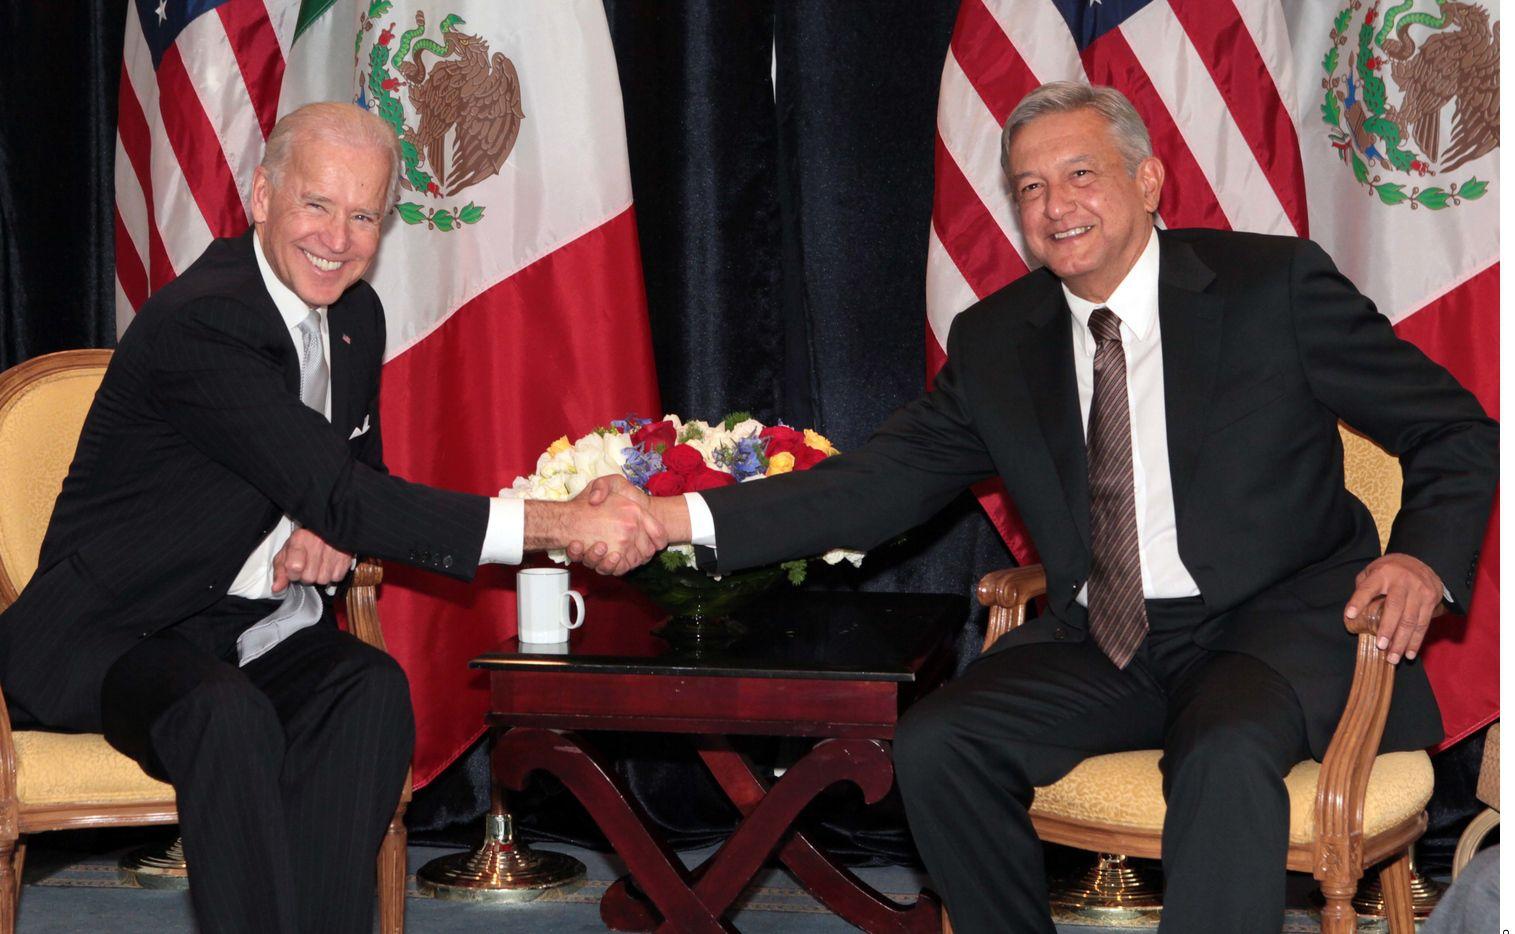 Foto de archivo del encuentro entre Joe Biden y Andrés Manuel López Obrador, durante la presidencia de Barack Obama.